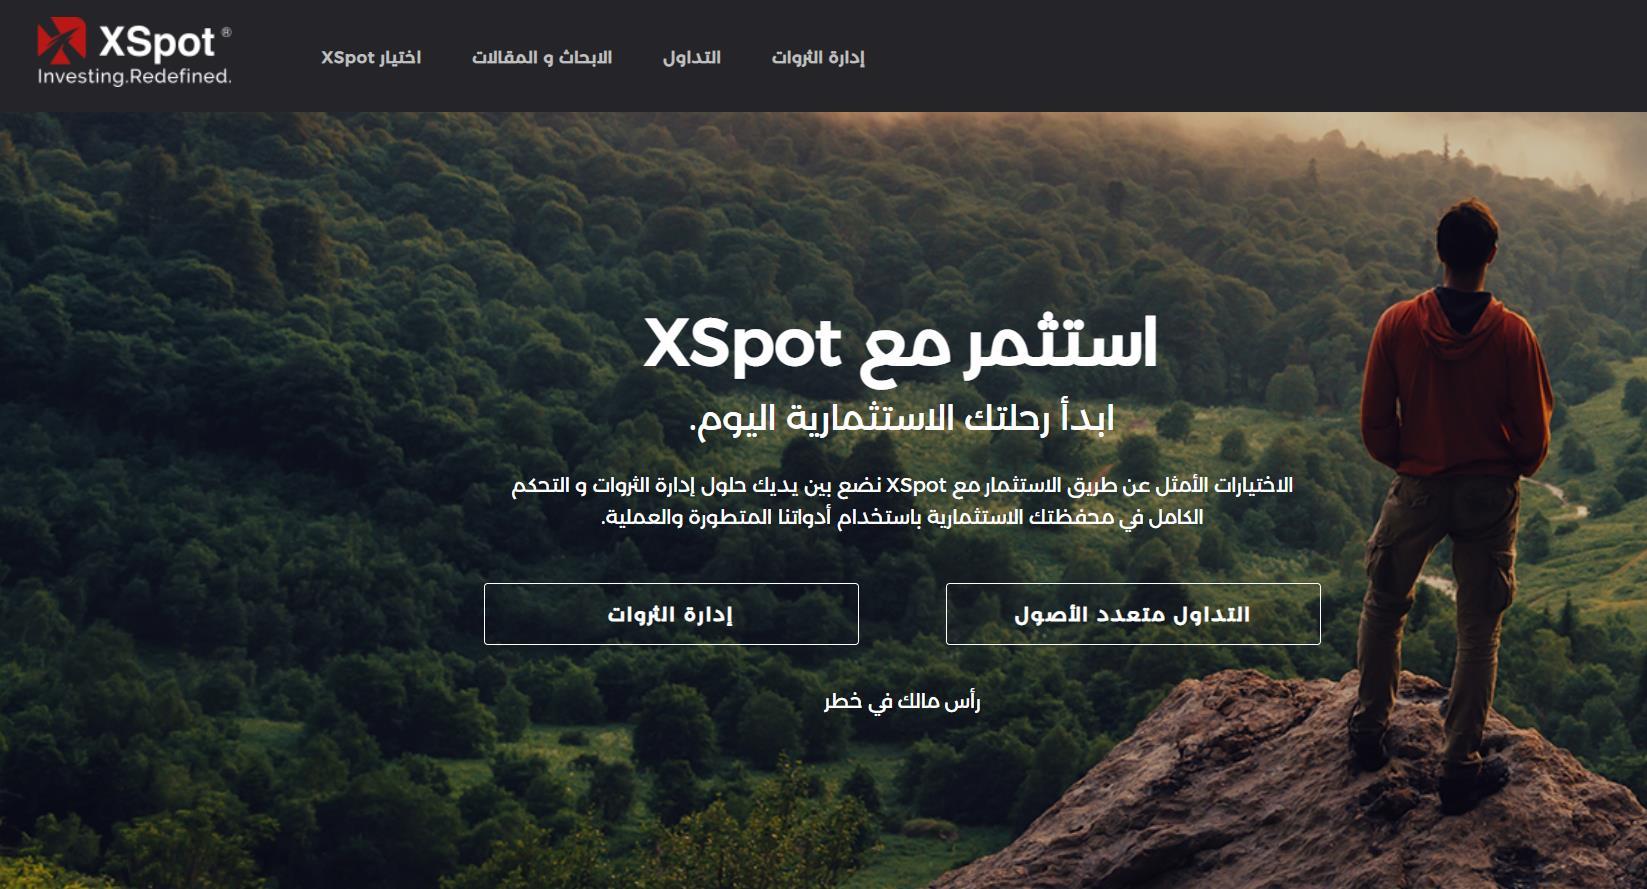 официальный сайт xspot